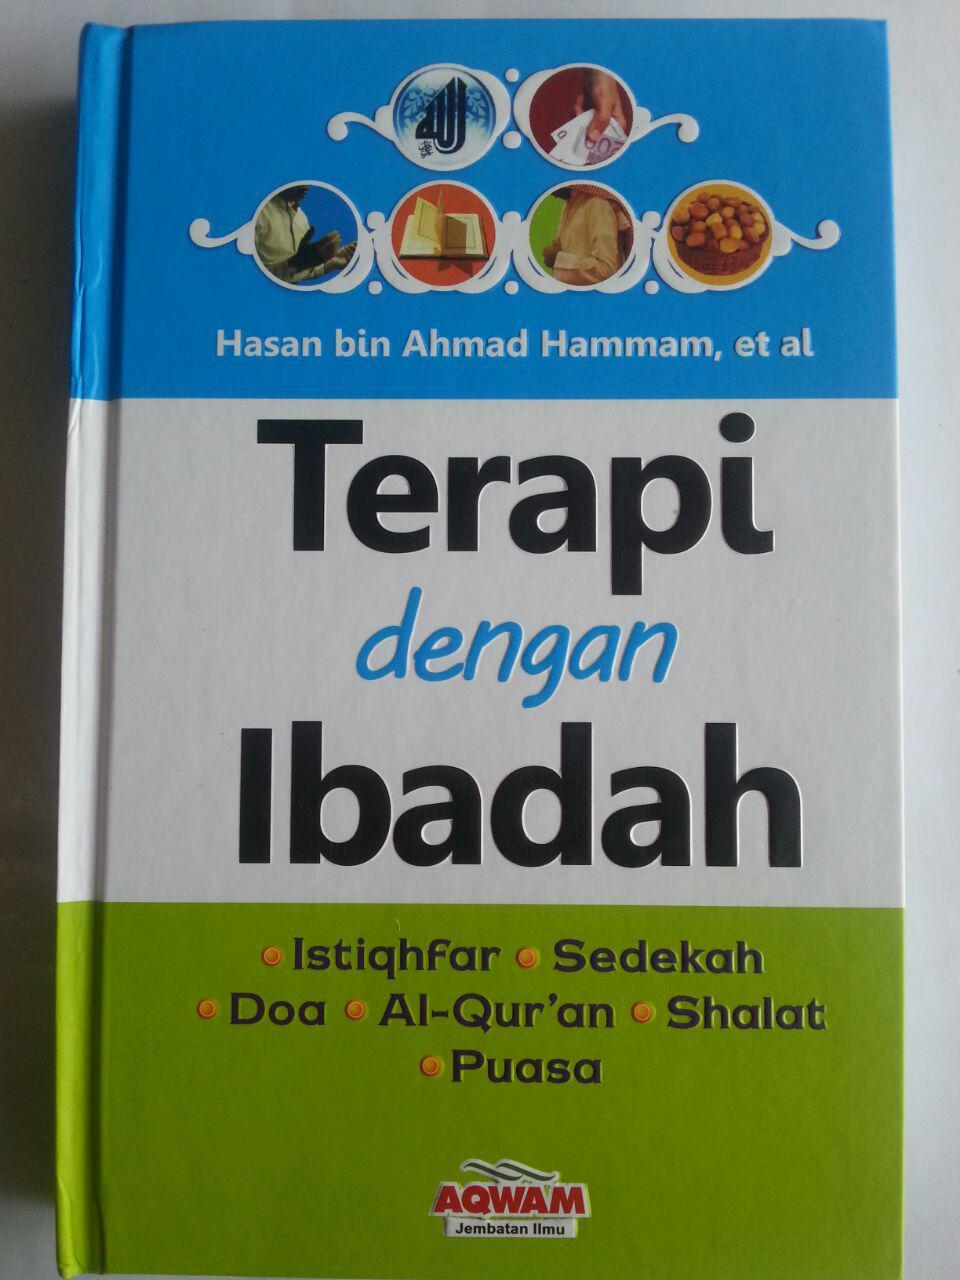 Buku Terapi Dengan Ibadah Istighfar Sedekah Doa Dll cover 2